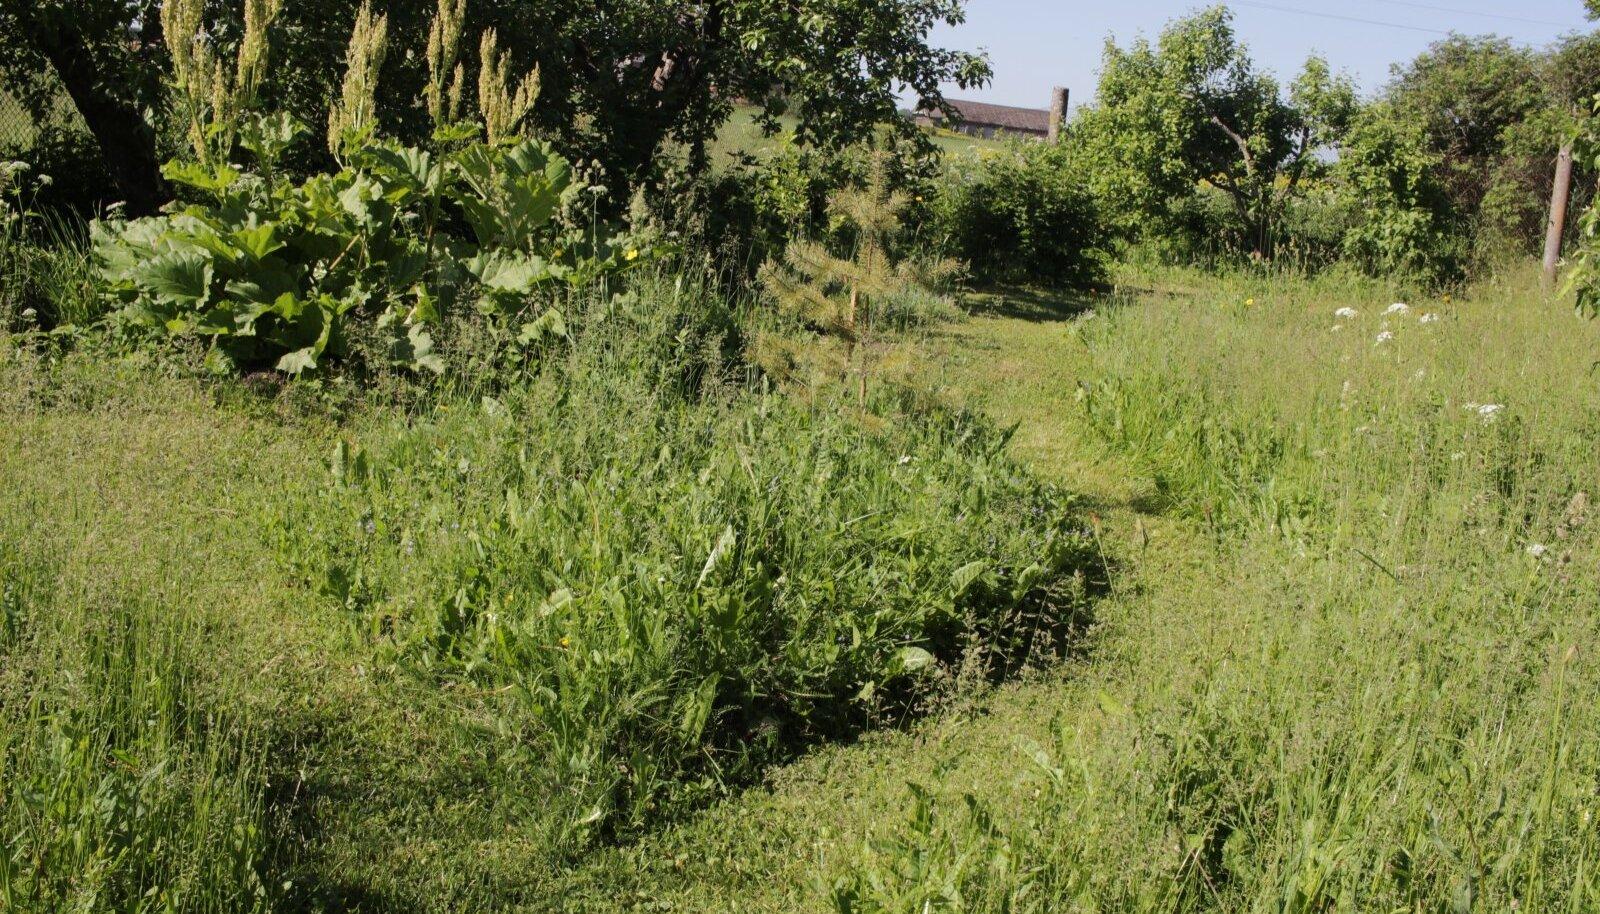 Aias on liikumiseks niidetud rajad, muu las kasvab ja õilmitseb.